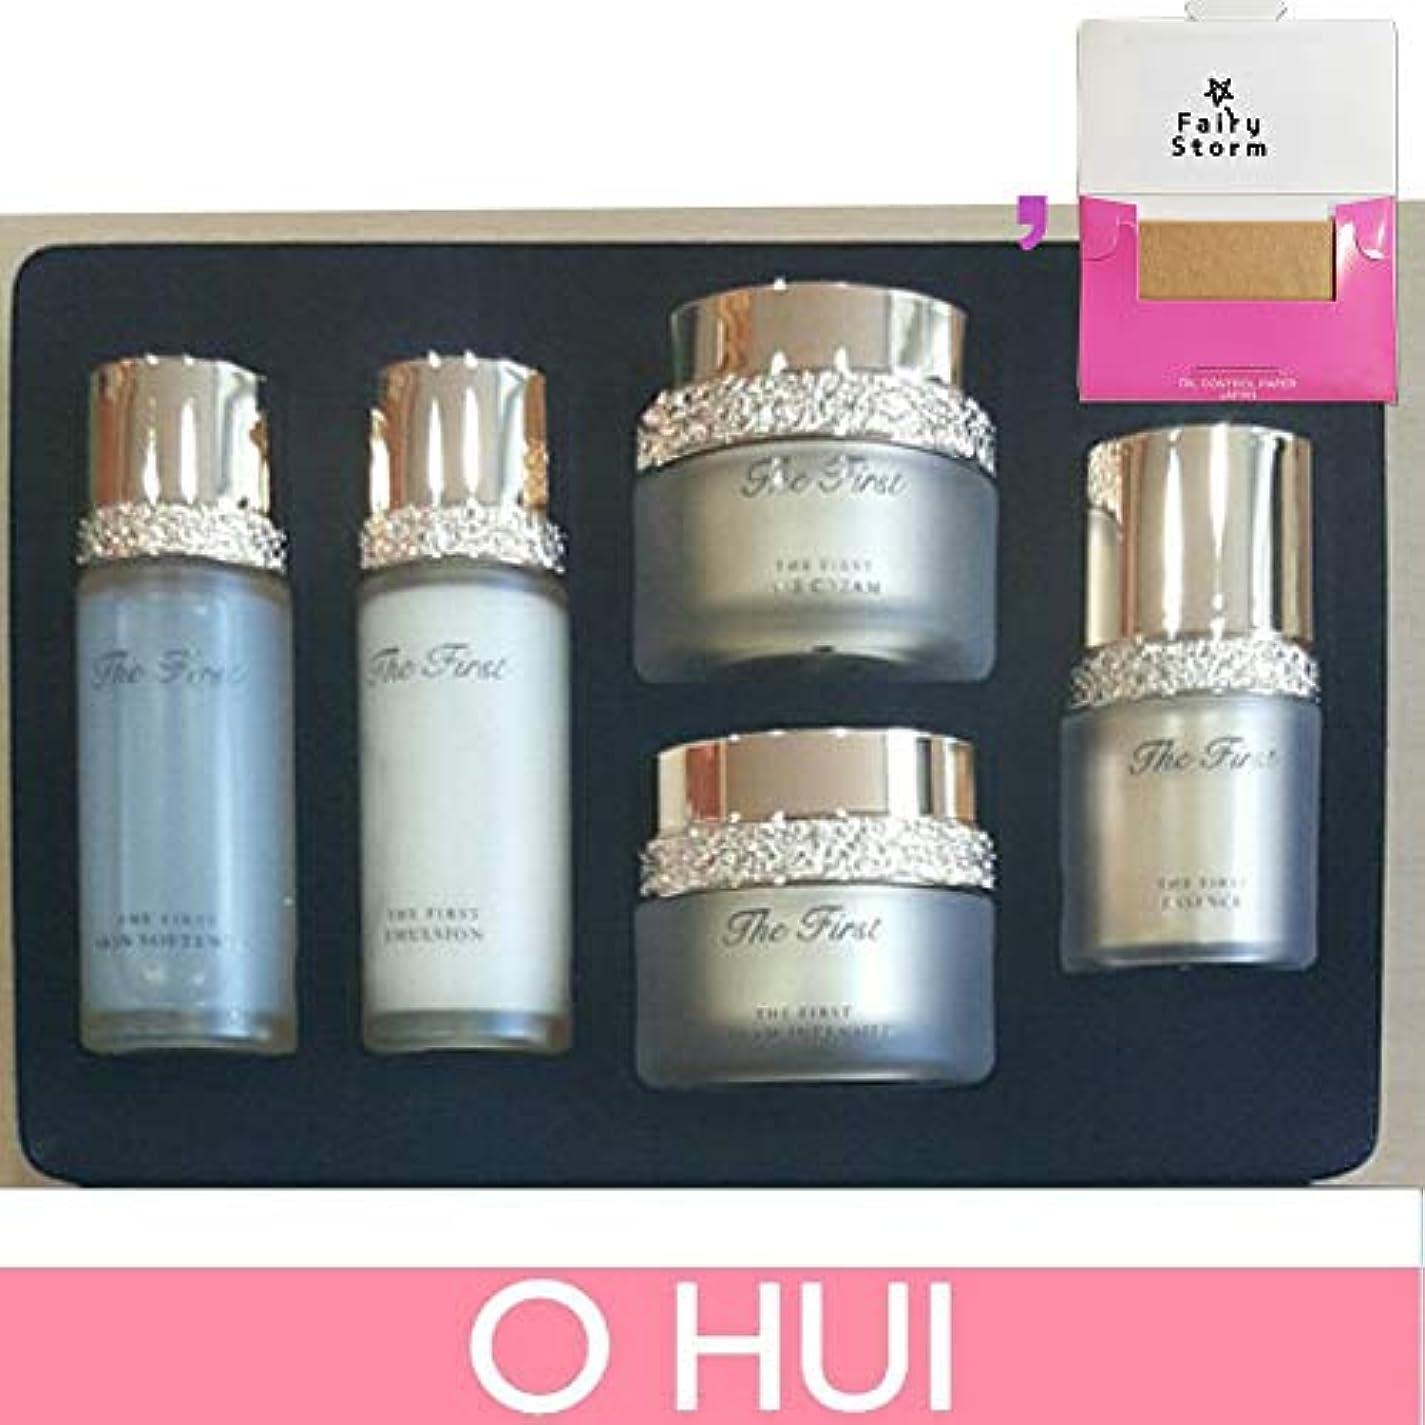 麦芽可聴土[オフィ/O HUI]韓国化粧品 LG生活健康/OHUI the First Cell Revolution 5pcs Special Kit Set + [Sample Gift](海外直送品)